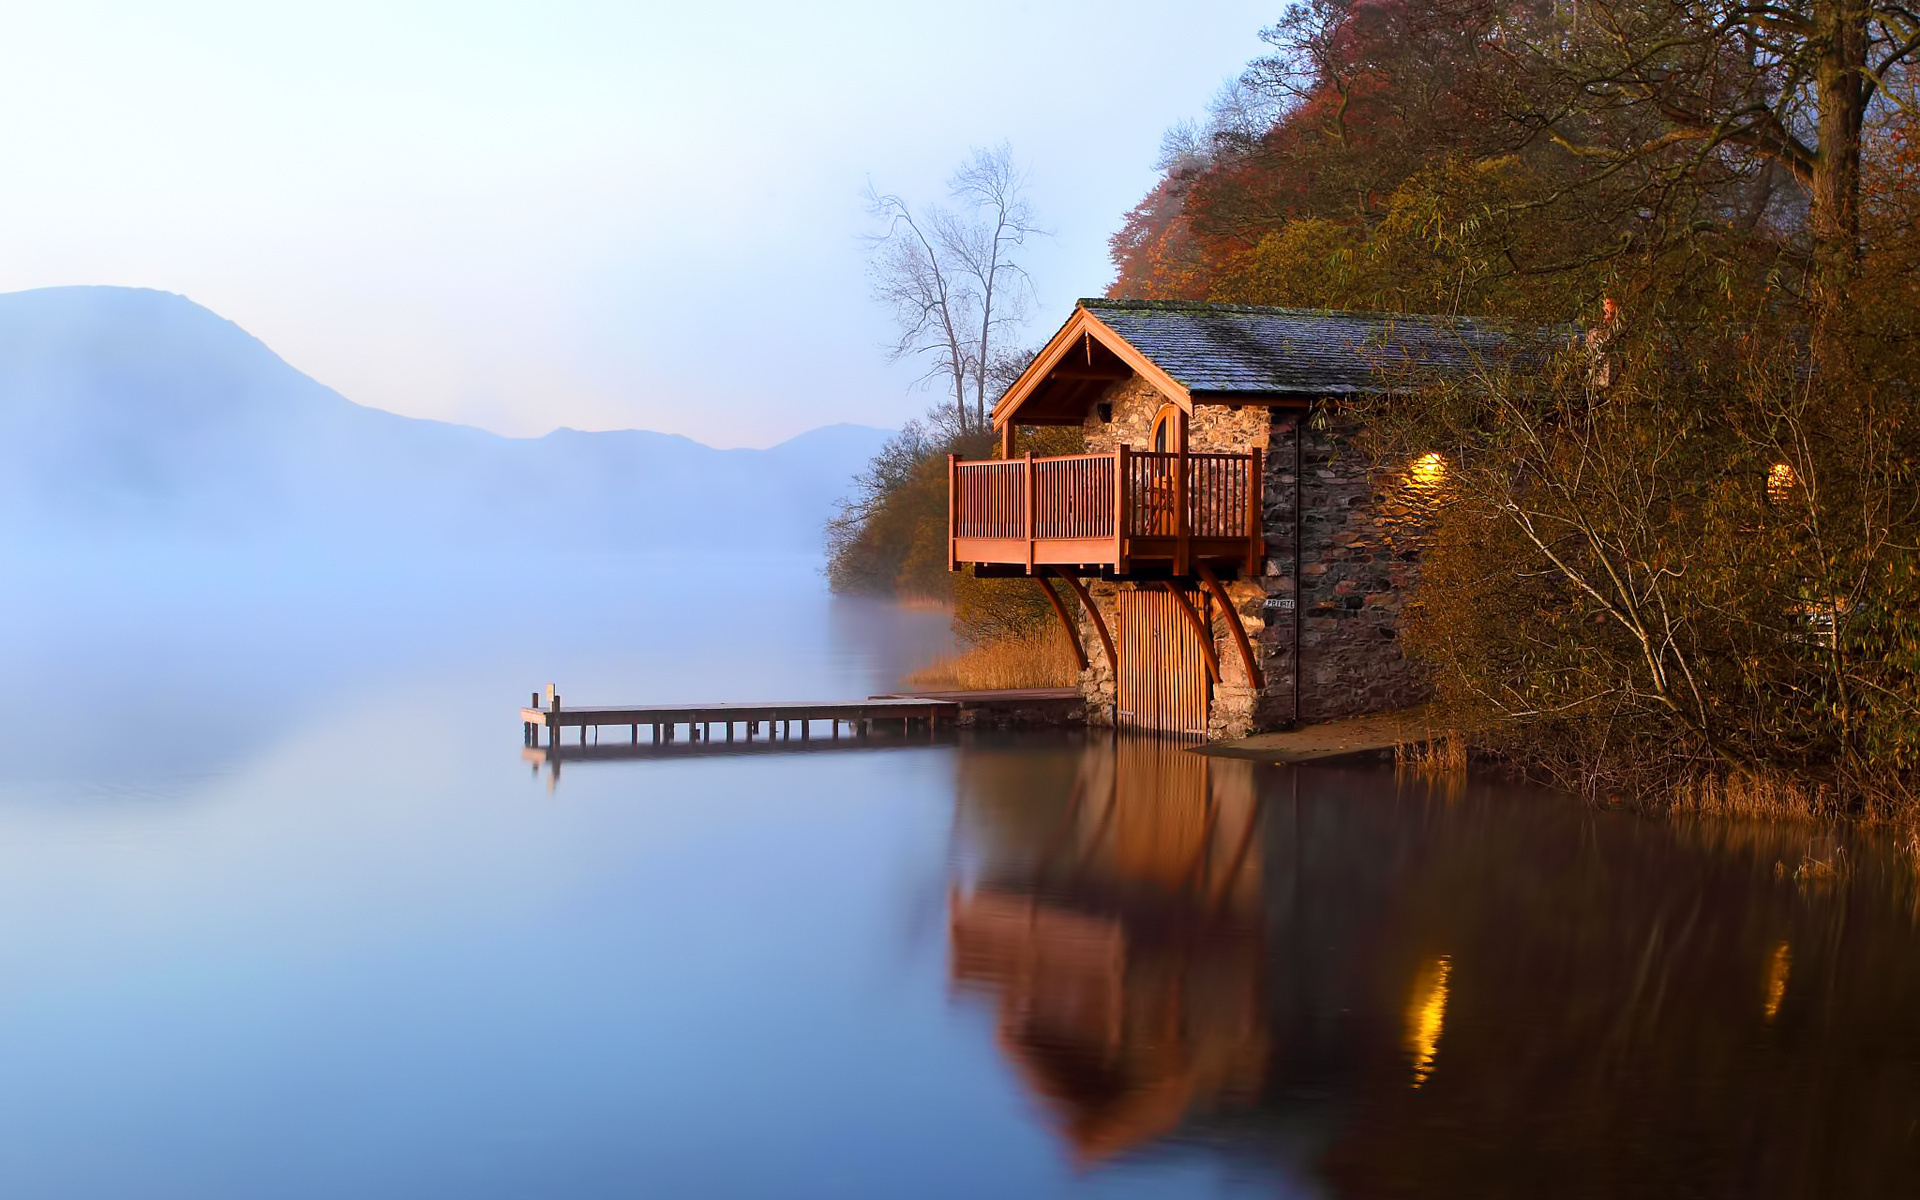 Озерцо возле дома, Англия  № 1486863 загрузить